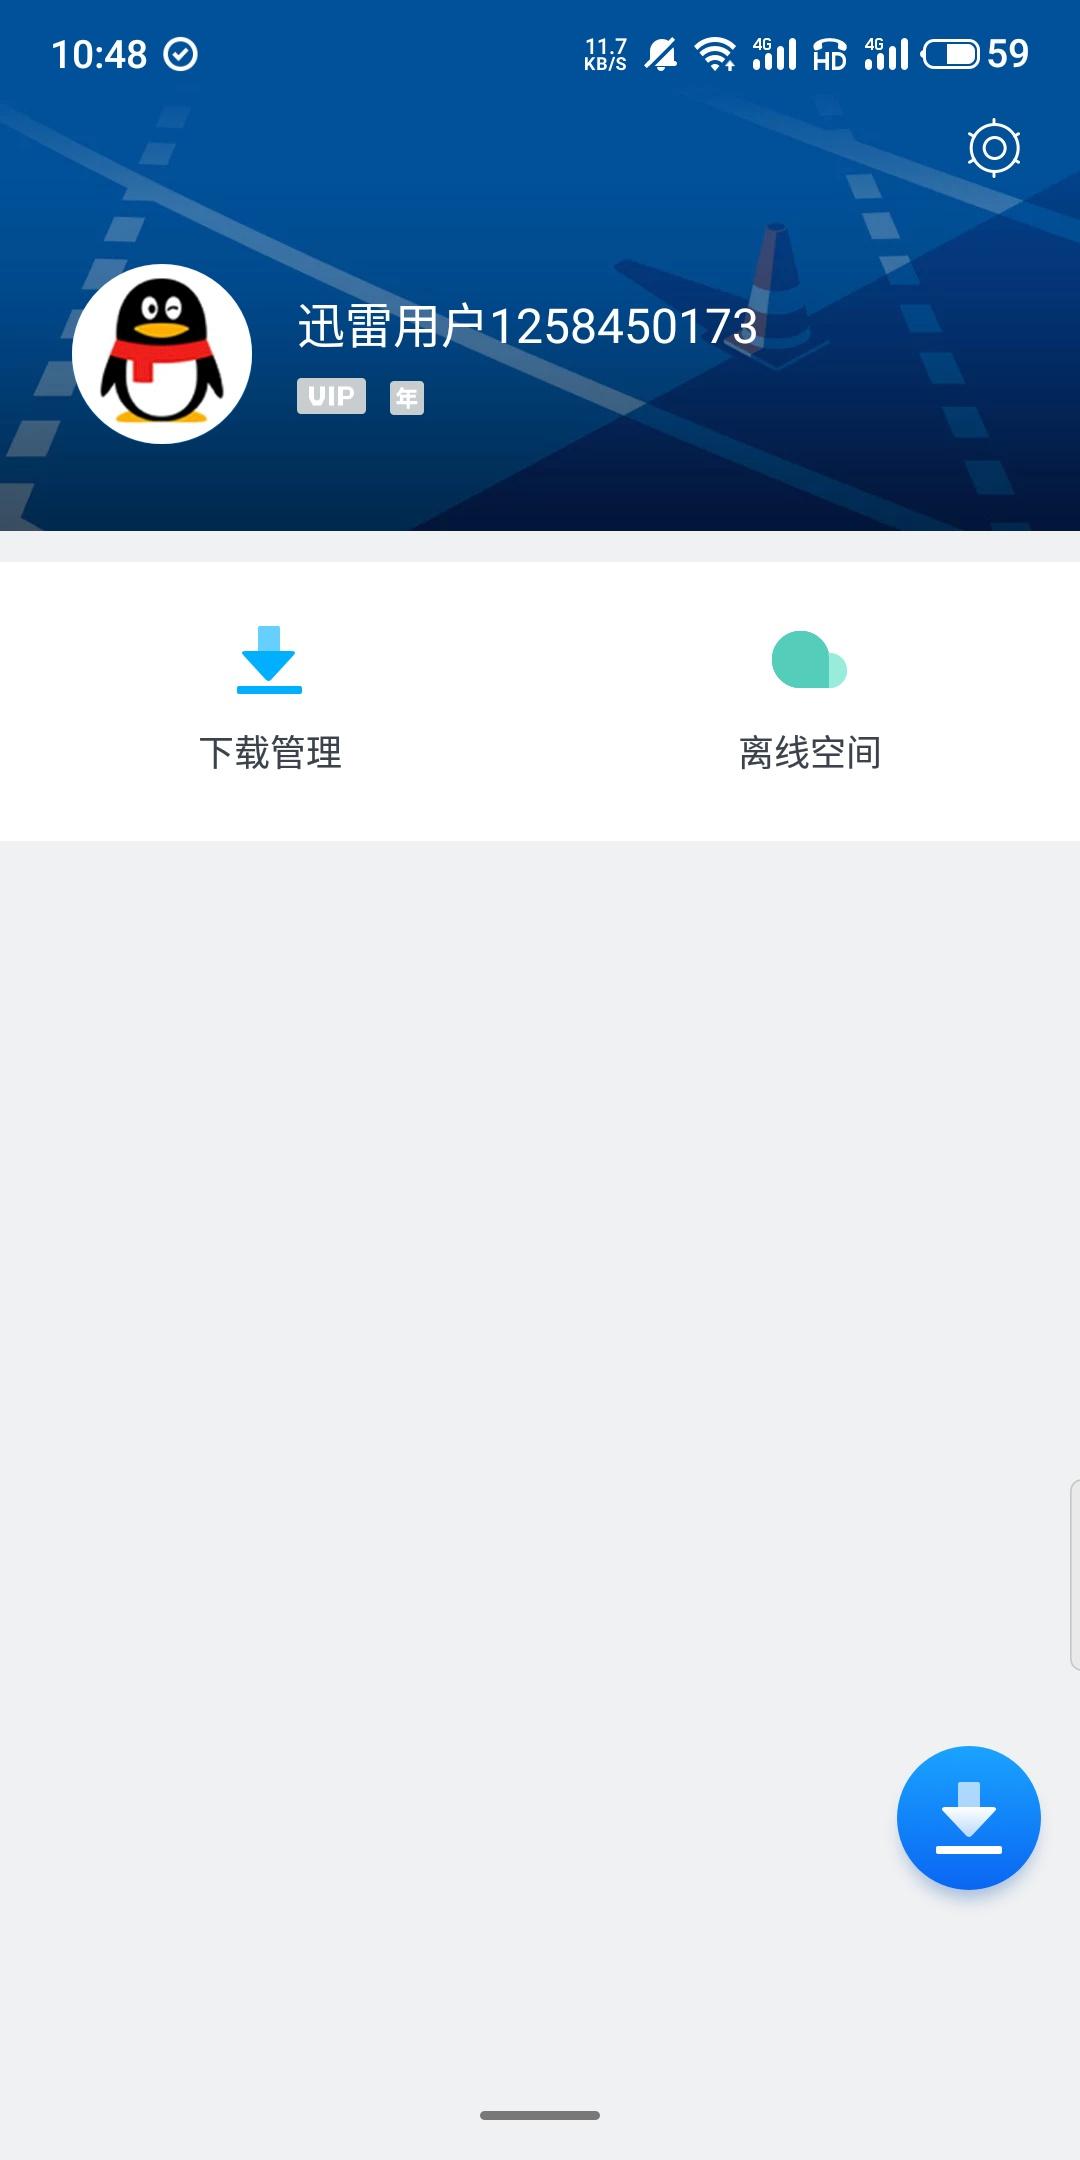 【分享】迅雷清爽特别版_v10.0.0 不限速,更简洁!-爱小助